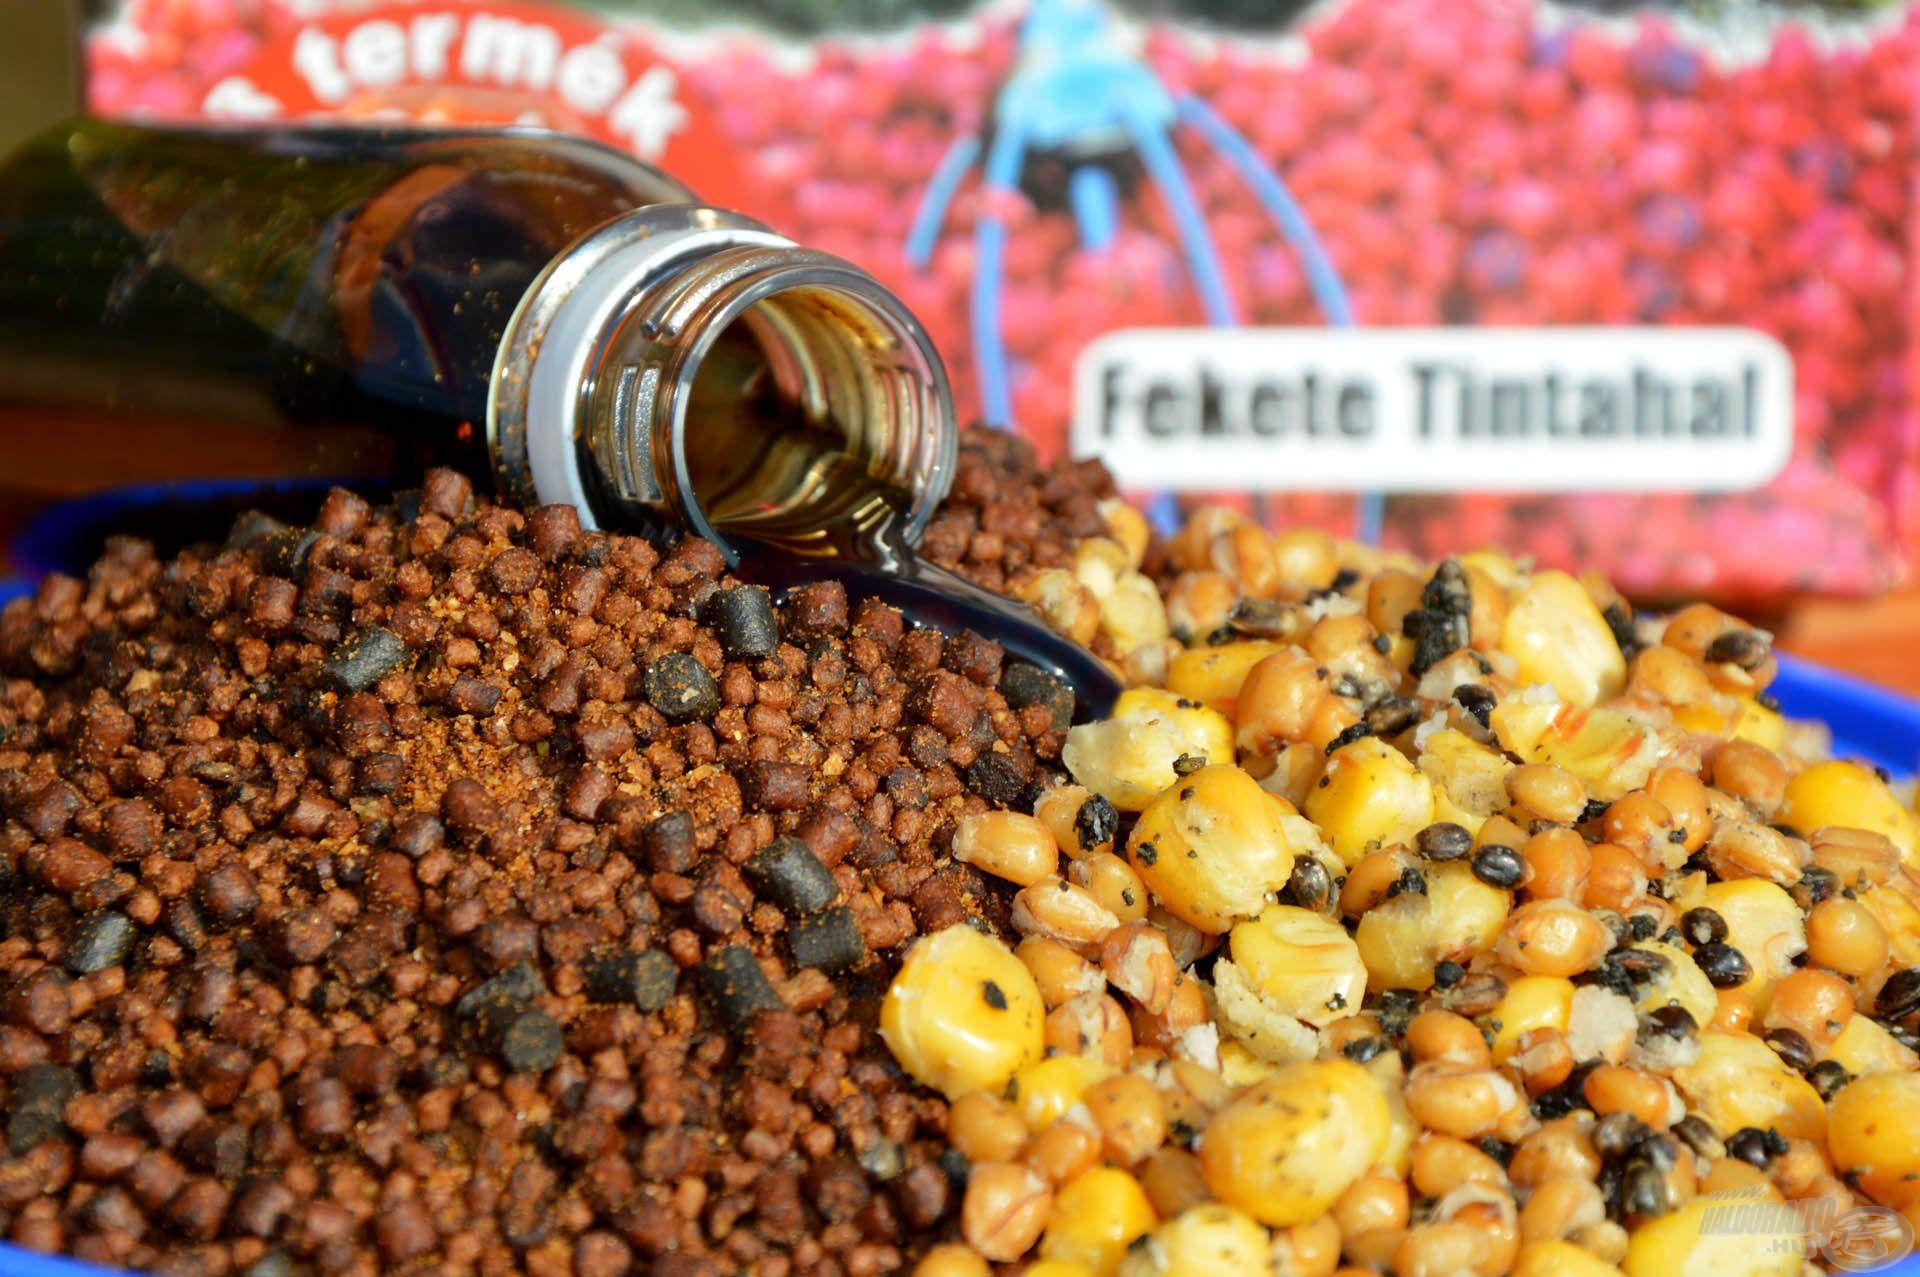 A Pellet Pack tartalmazz a Pellet Juice aromát, amely szintén egy nagyon tömény aromakoncentrátum